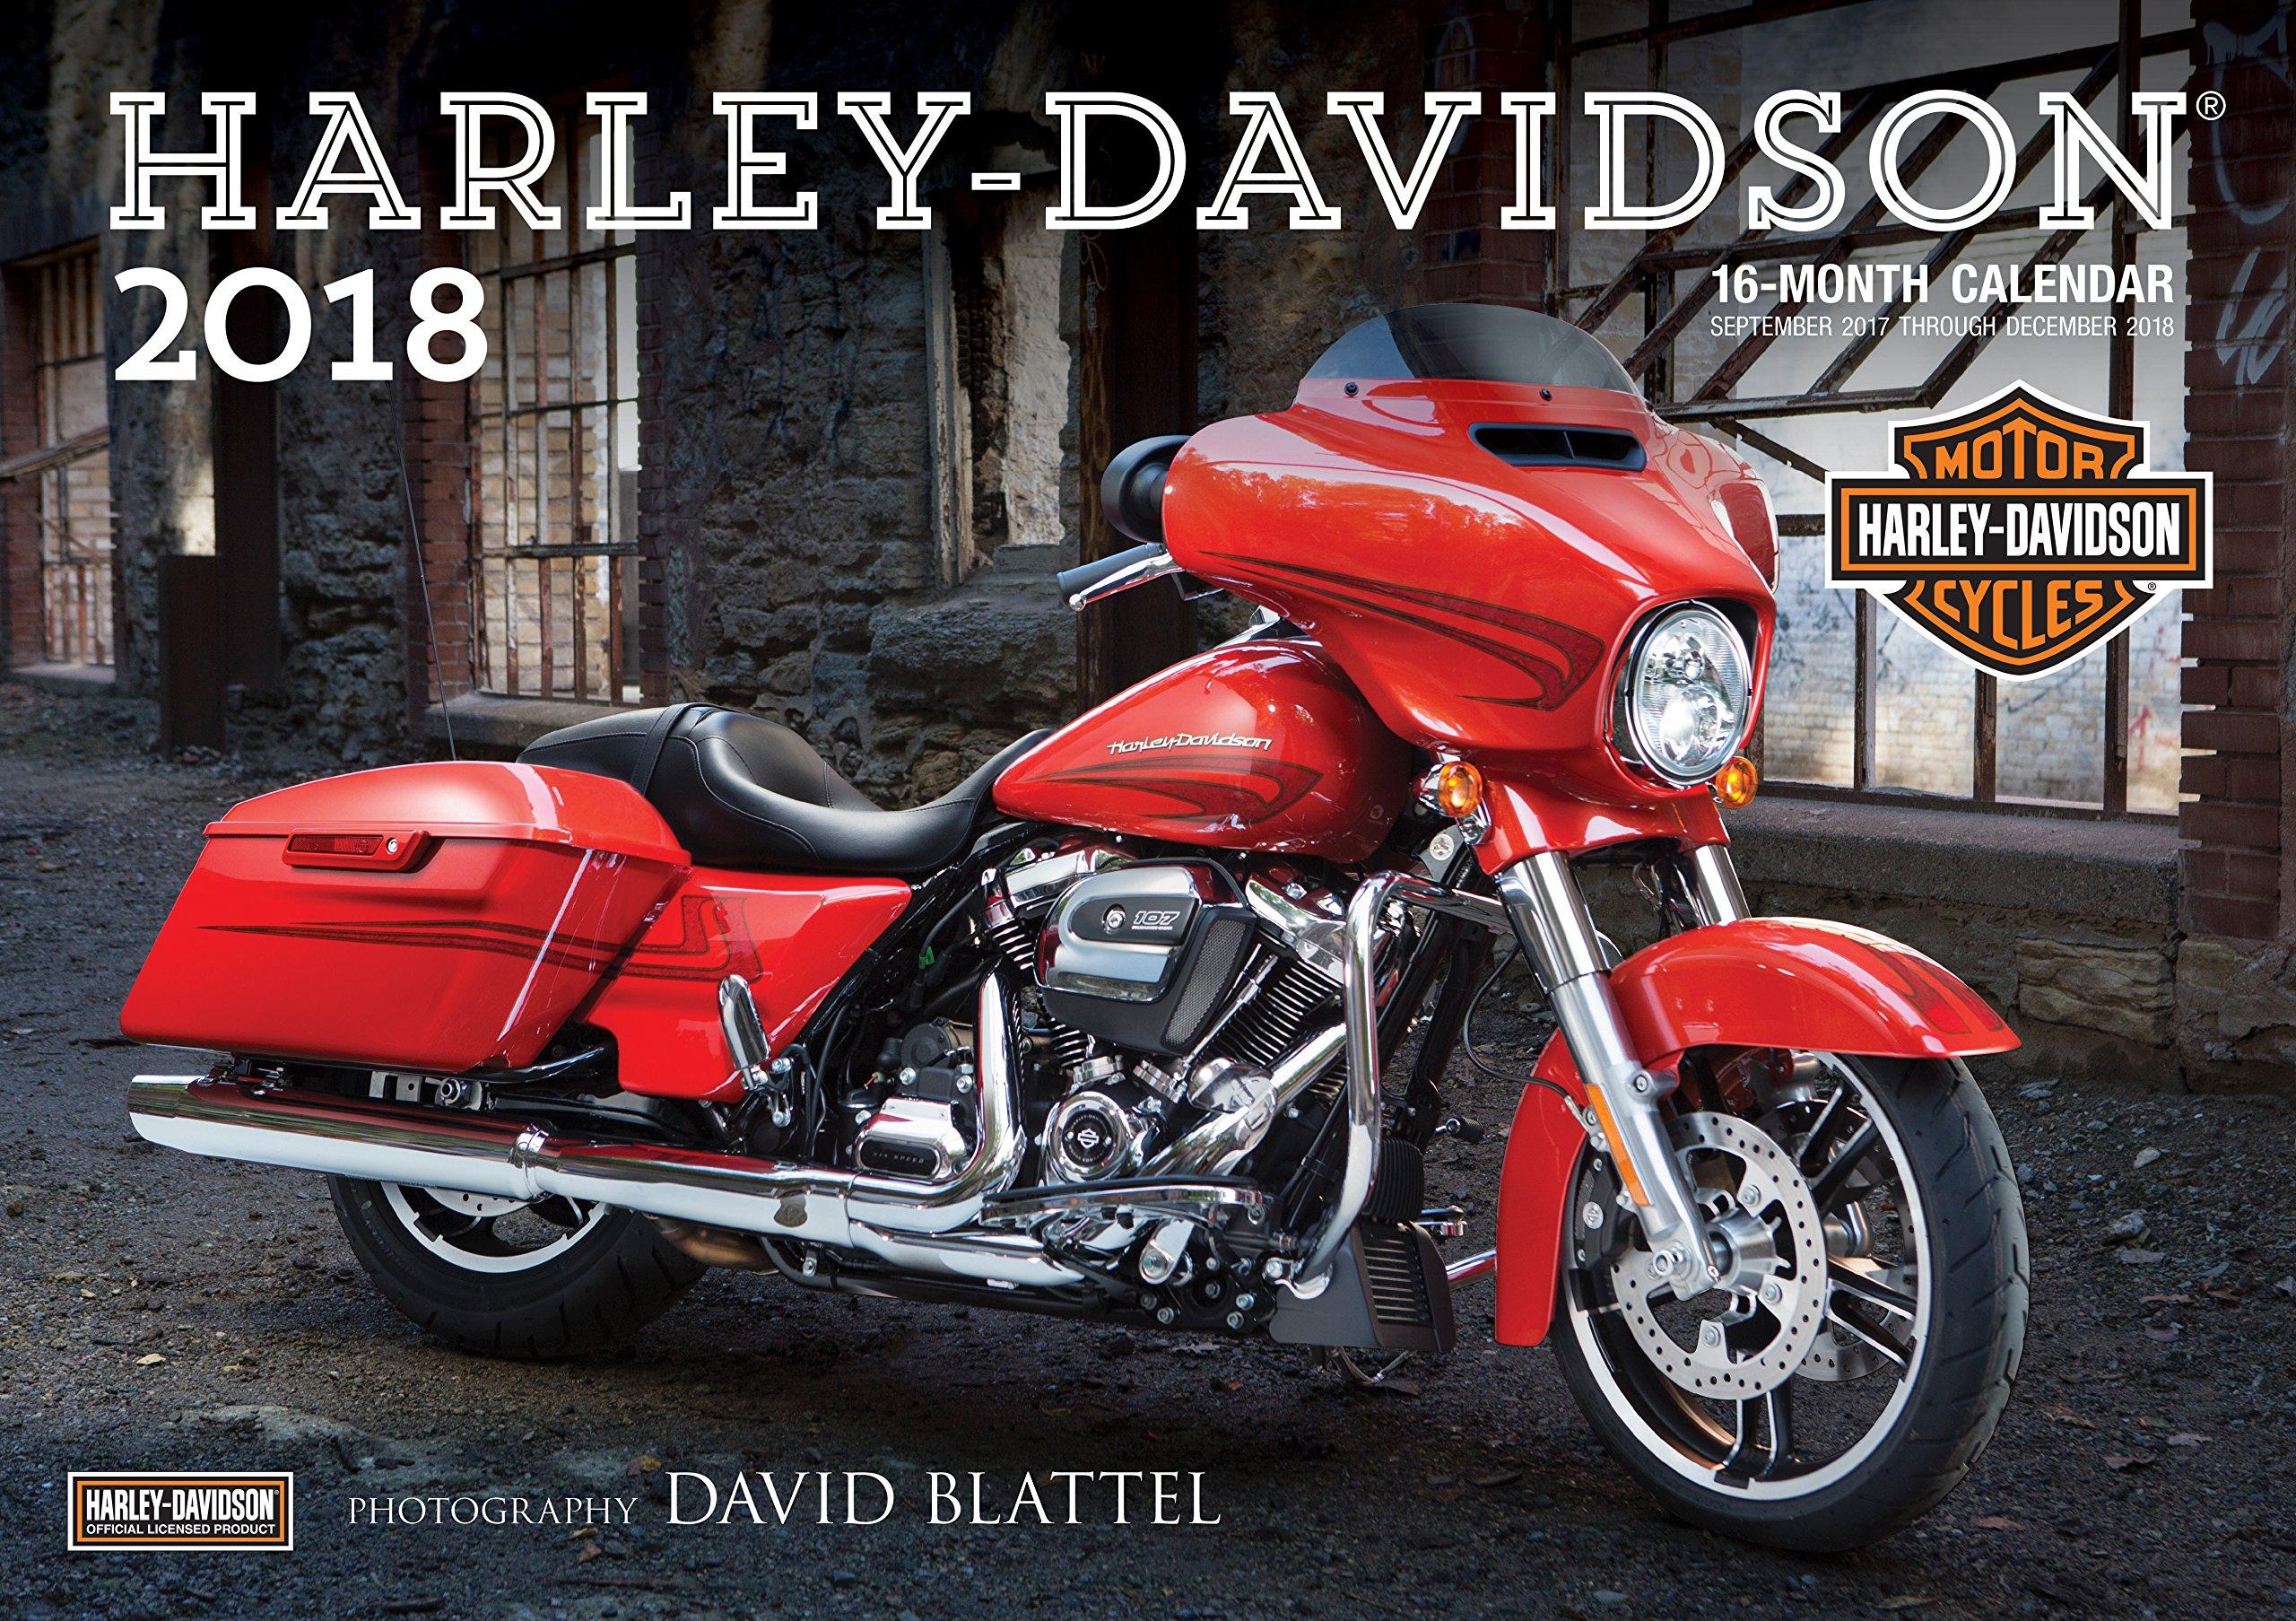 Harley-Davidson(r) 2018: 16-Month Calendar Includes September 2017 ...